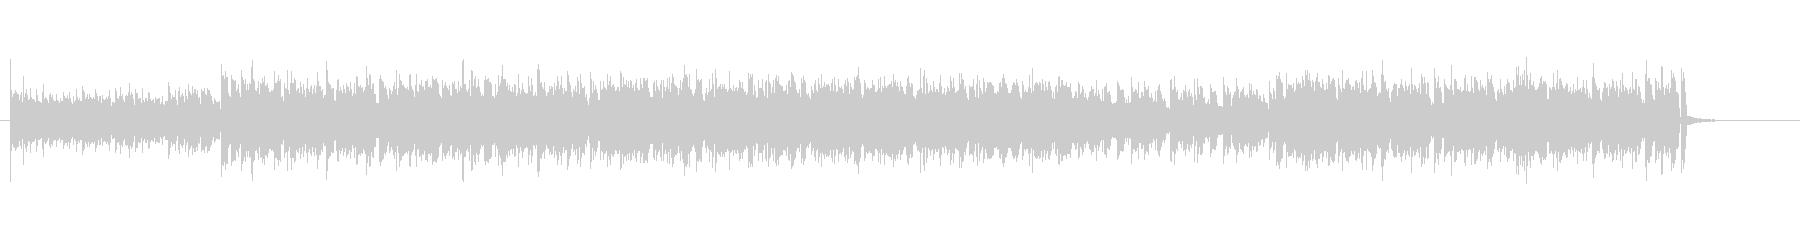 エレクトロミュージック風のBGMの未再生の波形